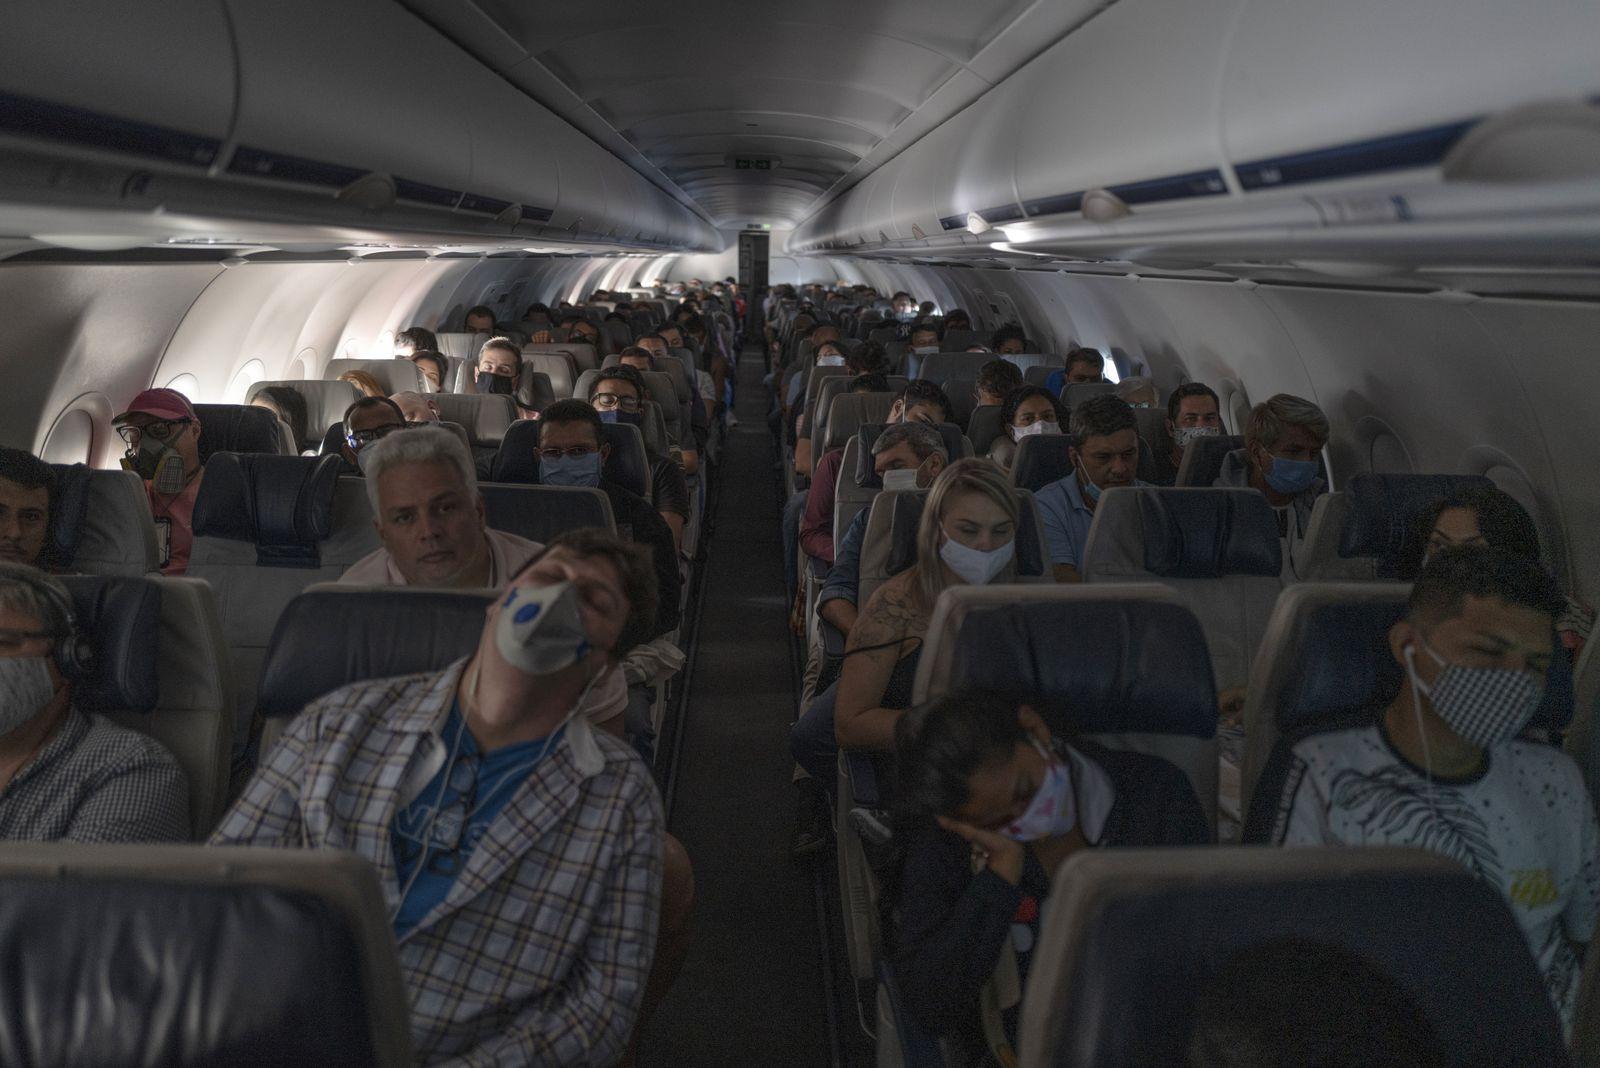 Air Travel Still Hobbled By Coronavirus Restrictions